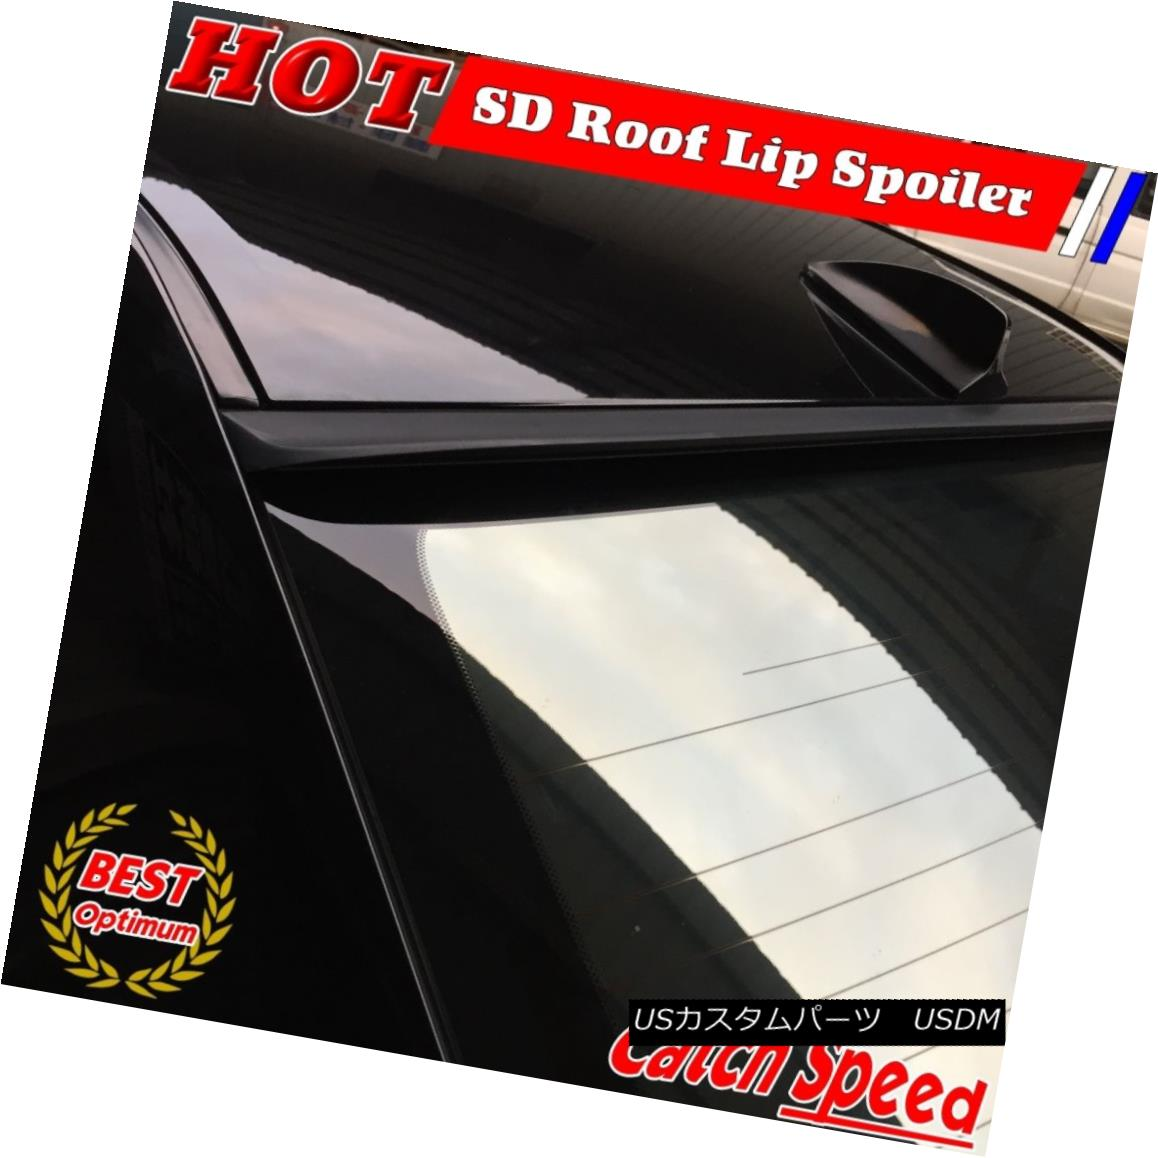 エアロパーツ Painted SD Style Rear Window Roof Spoiler Wing For Audi A8 D3 4E 2003~2009 Sedan 塗装済みSDスタイルリアウインドルーフスポイラーウイングfor Audi A8 D3 4E 2003?2009セダン